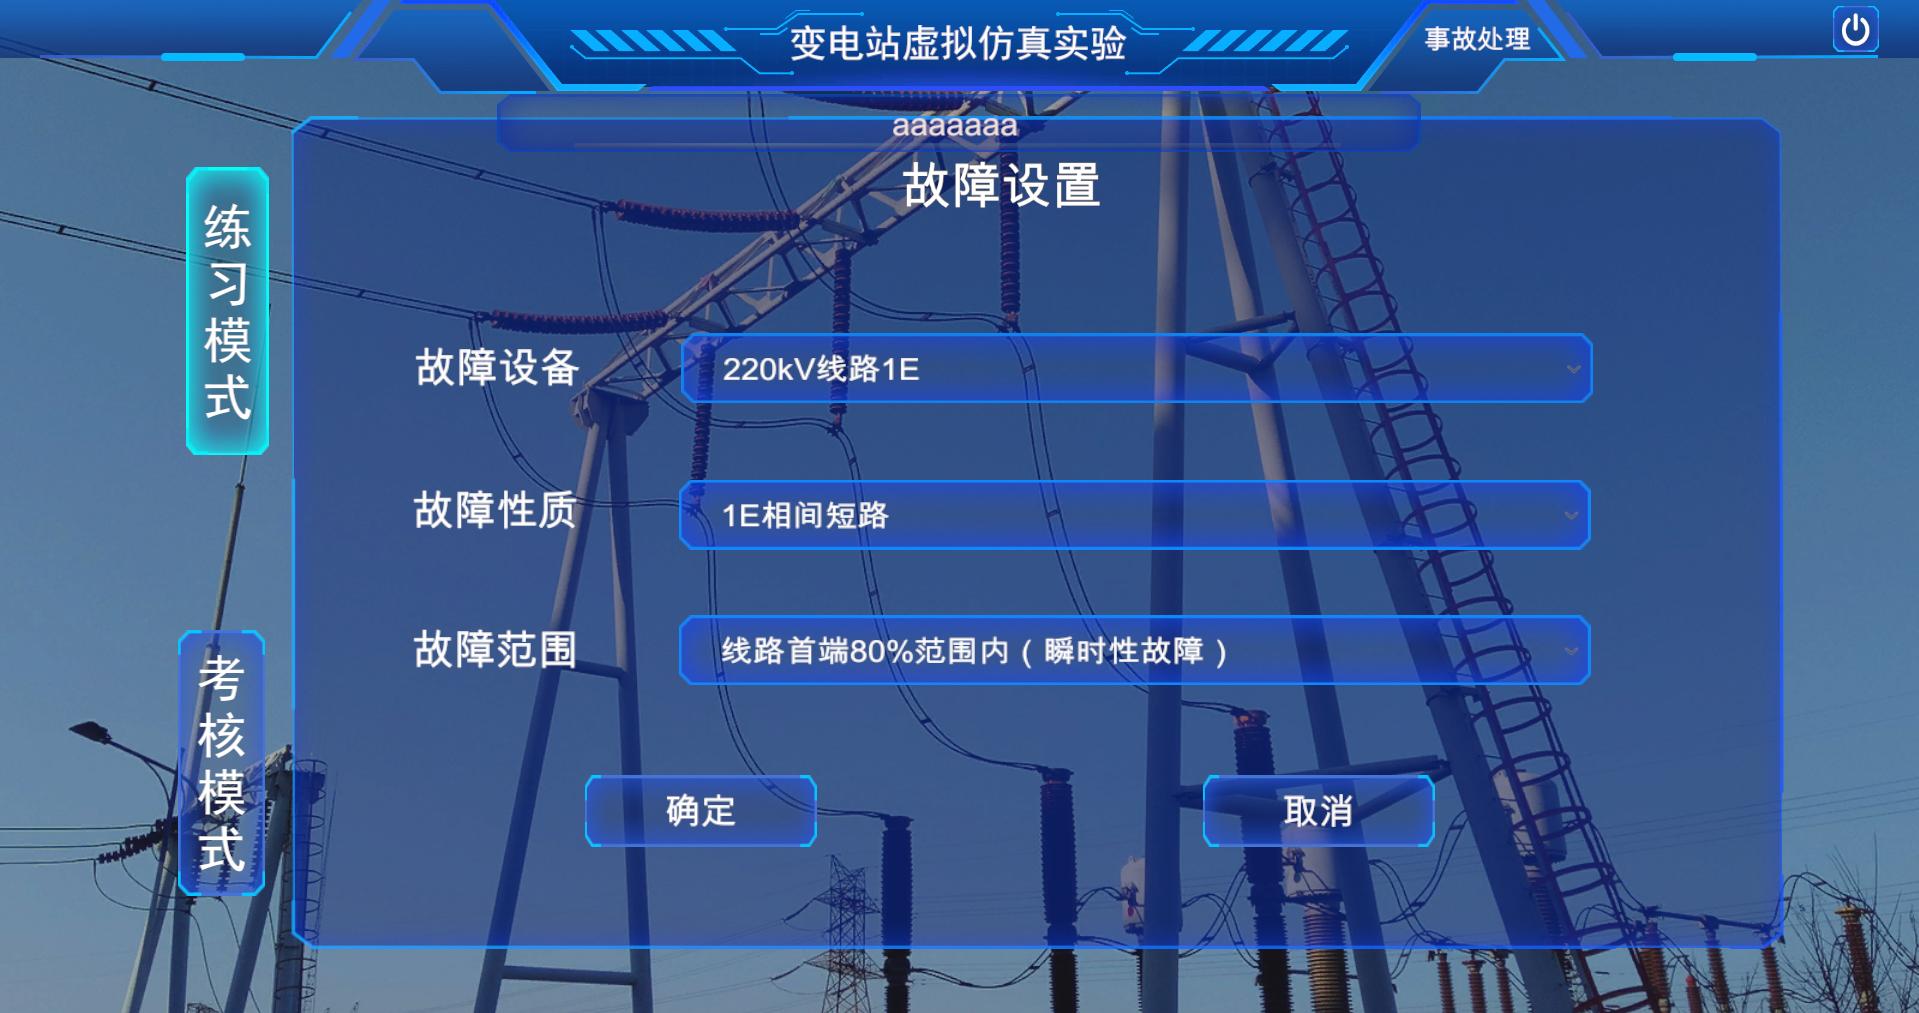 变电站虚拟仿真实训软件15.png